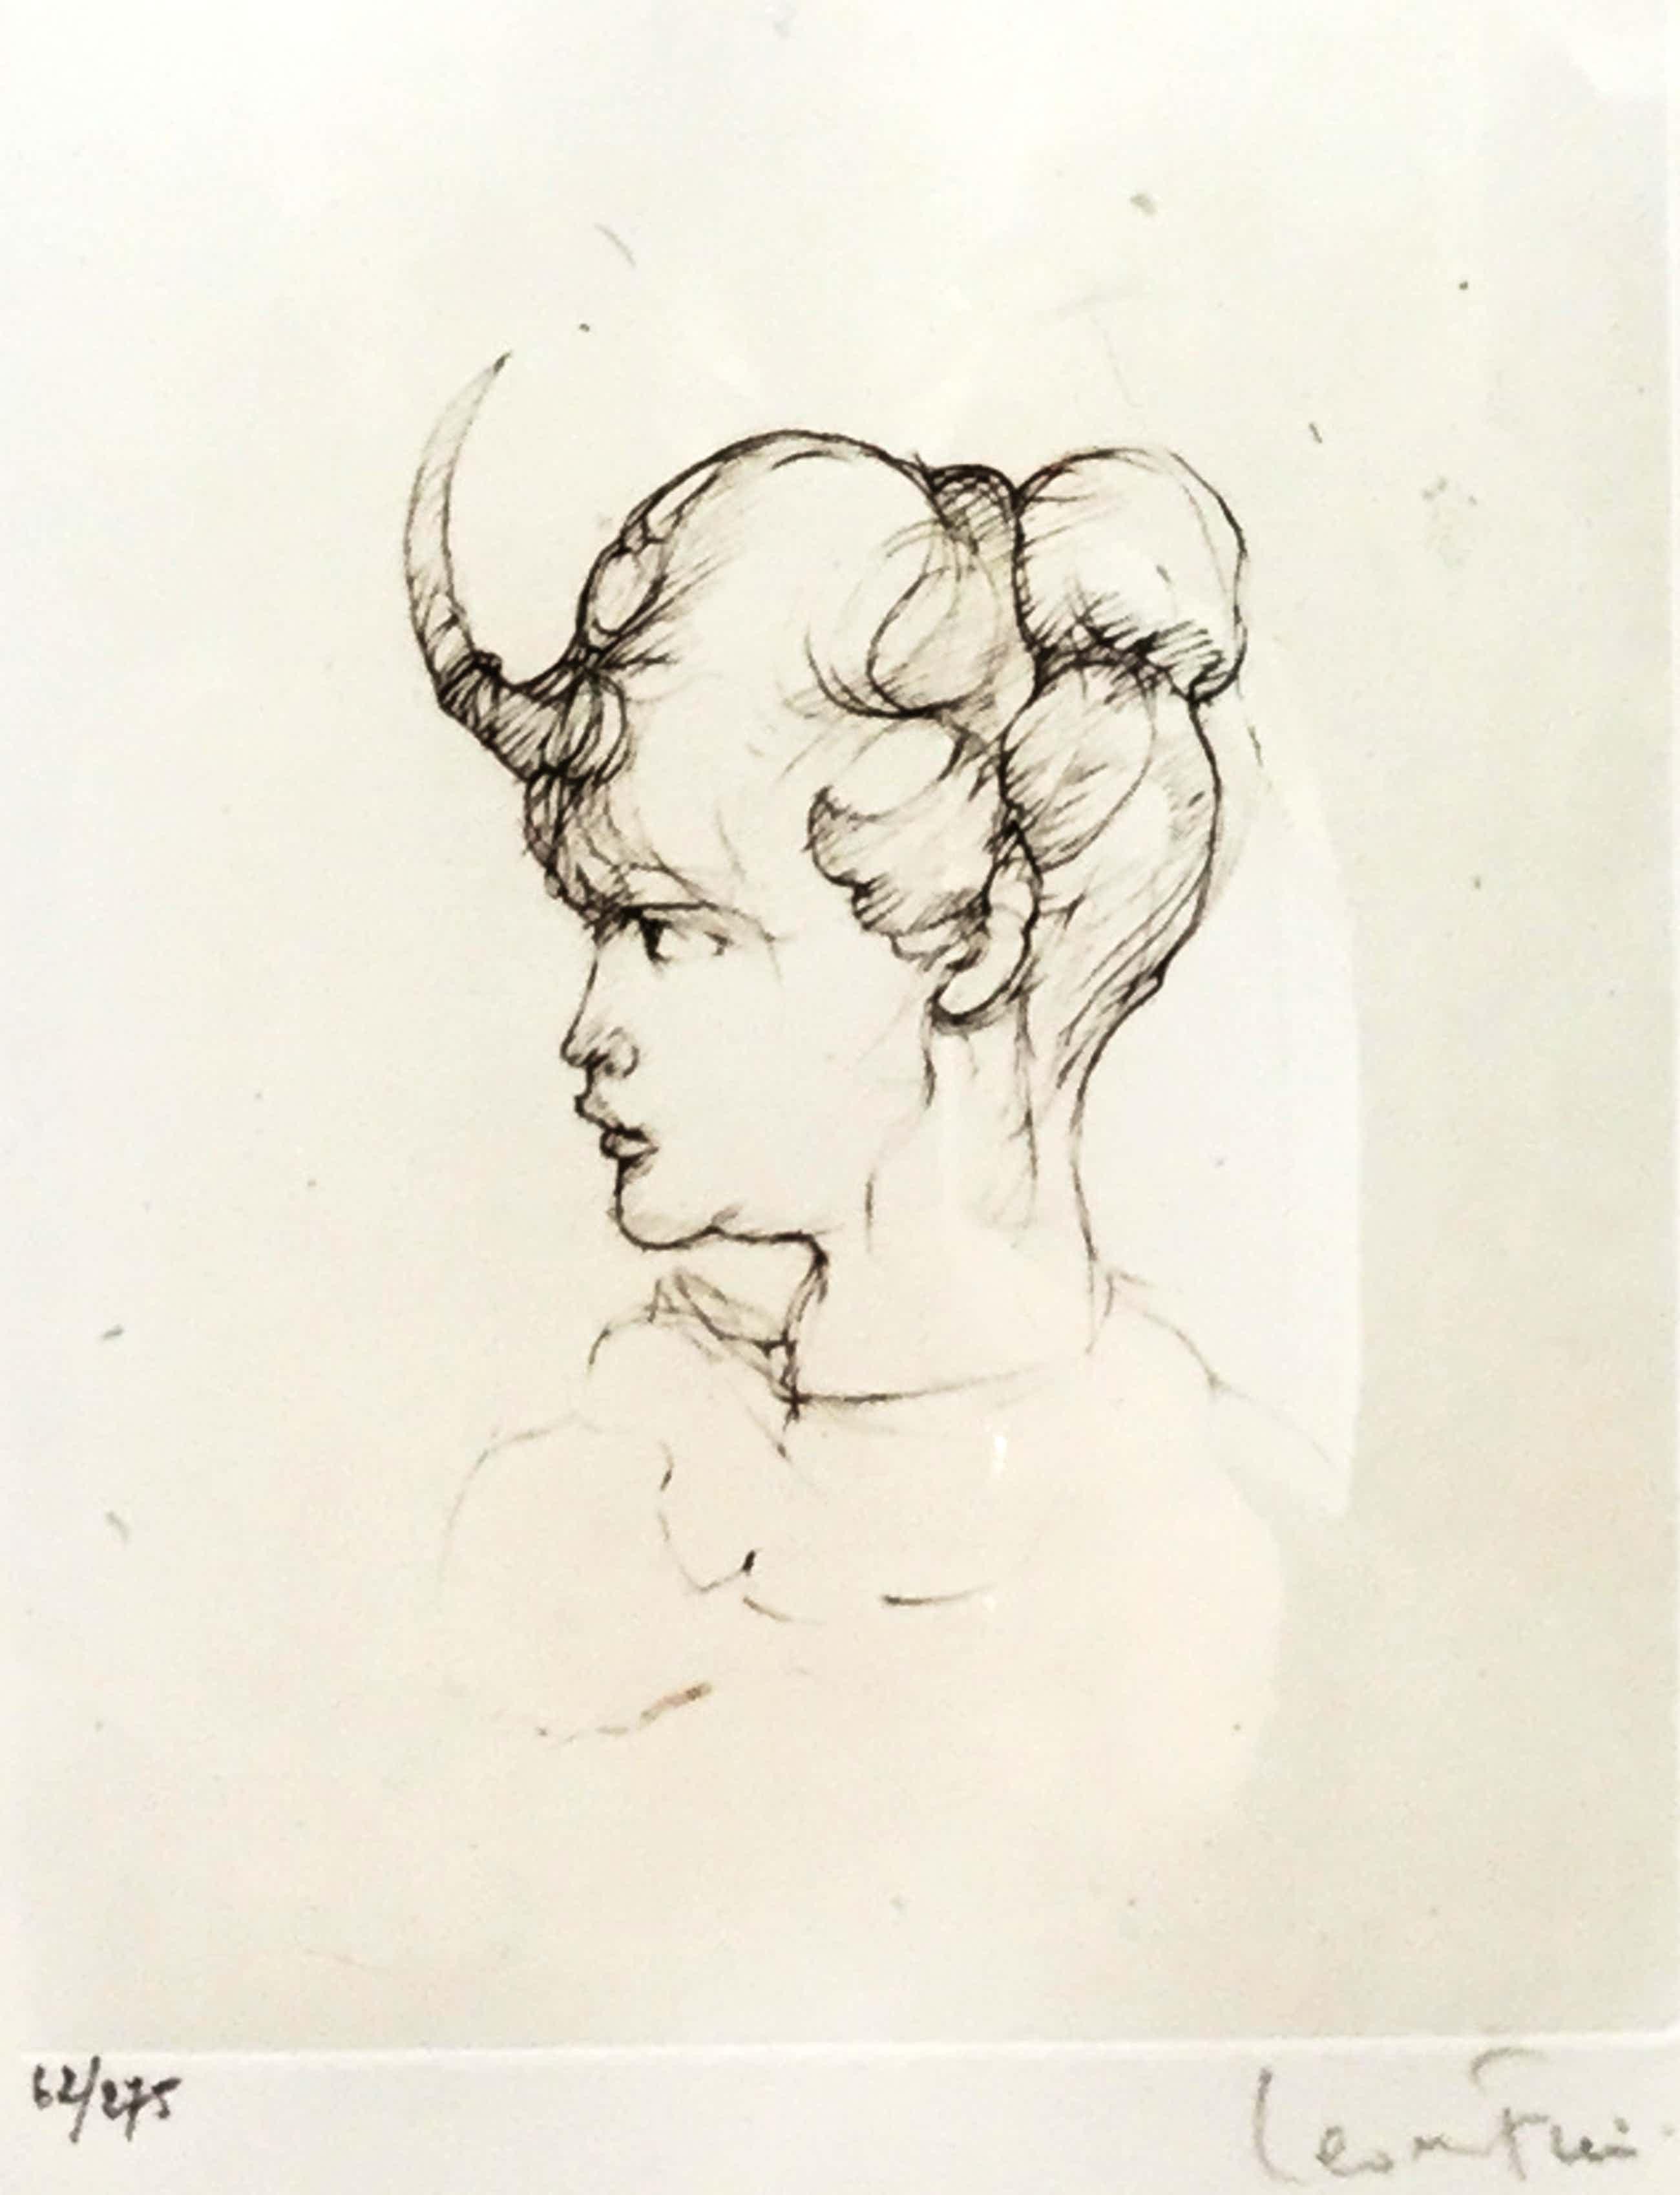 Leonor Fini - C3461-1, Portret van figuur met hoorn kopen? Bied vanaf 150!